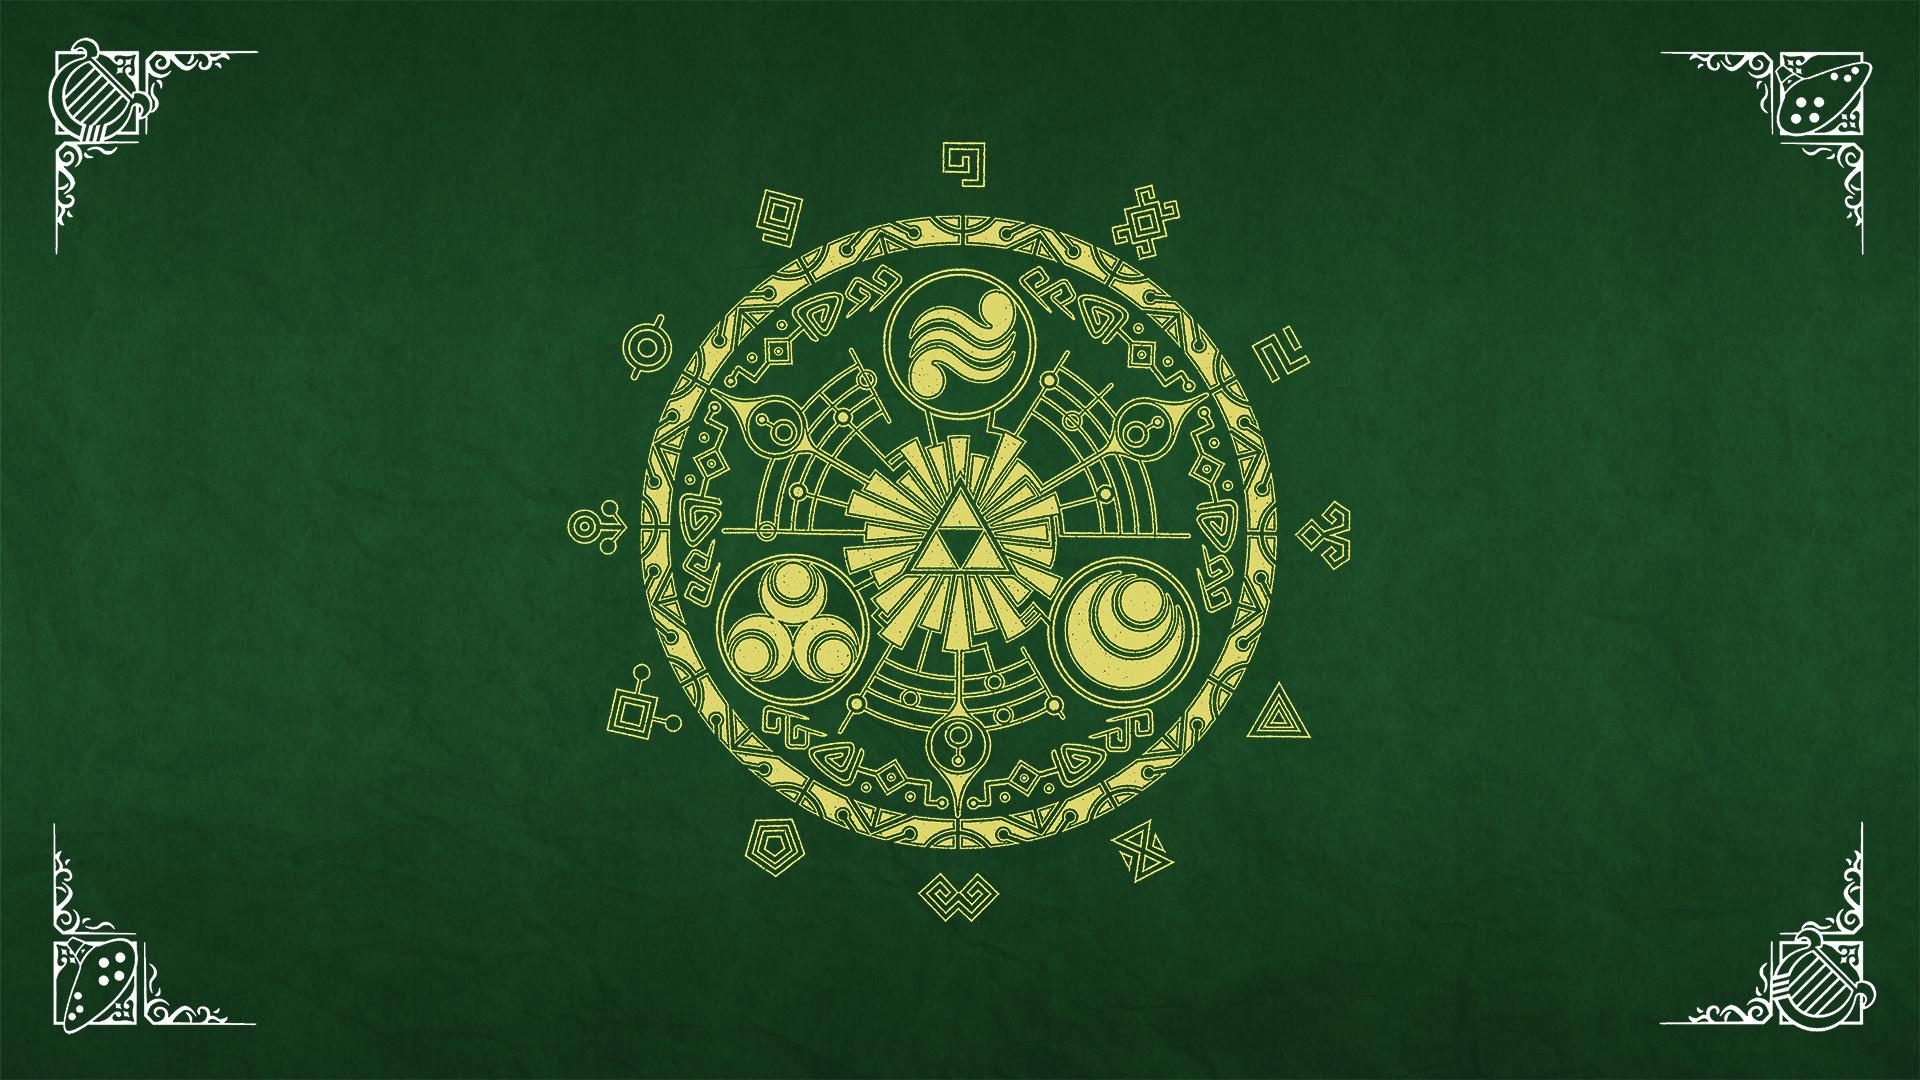 Epic Legend of Zelda Wallpaper